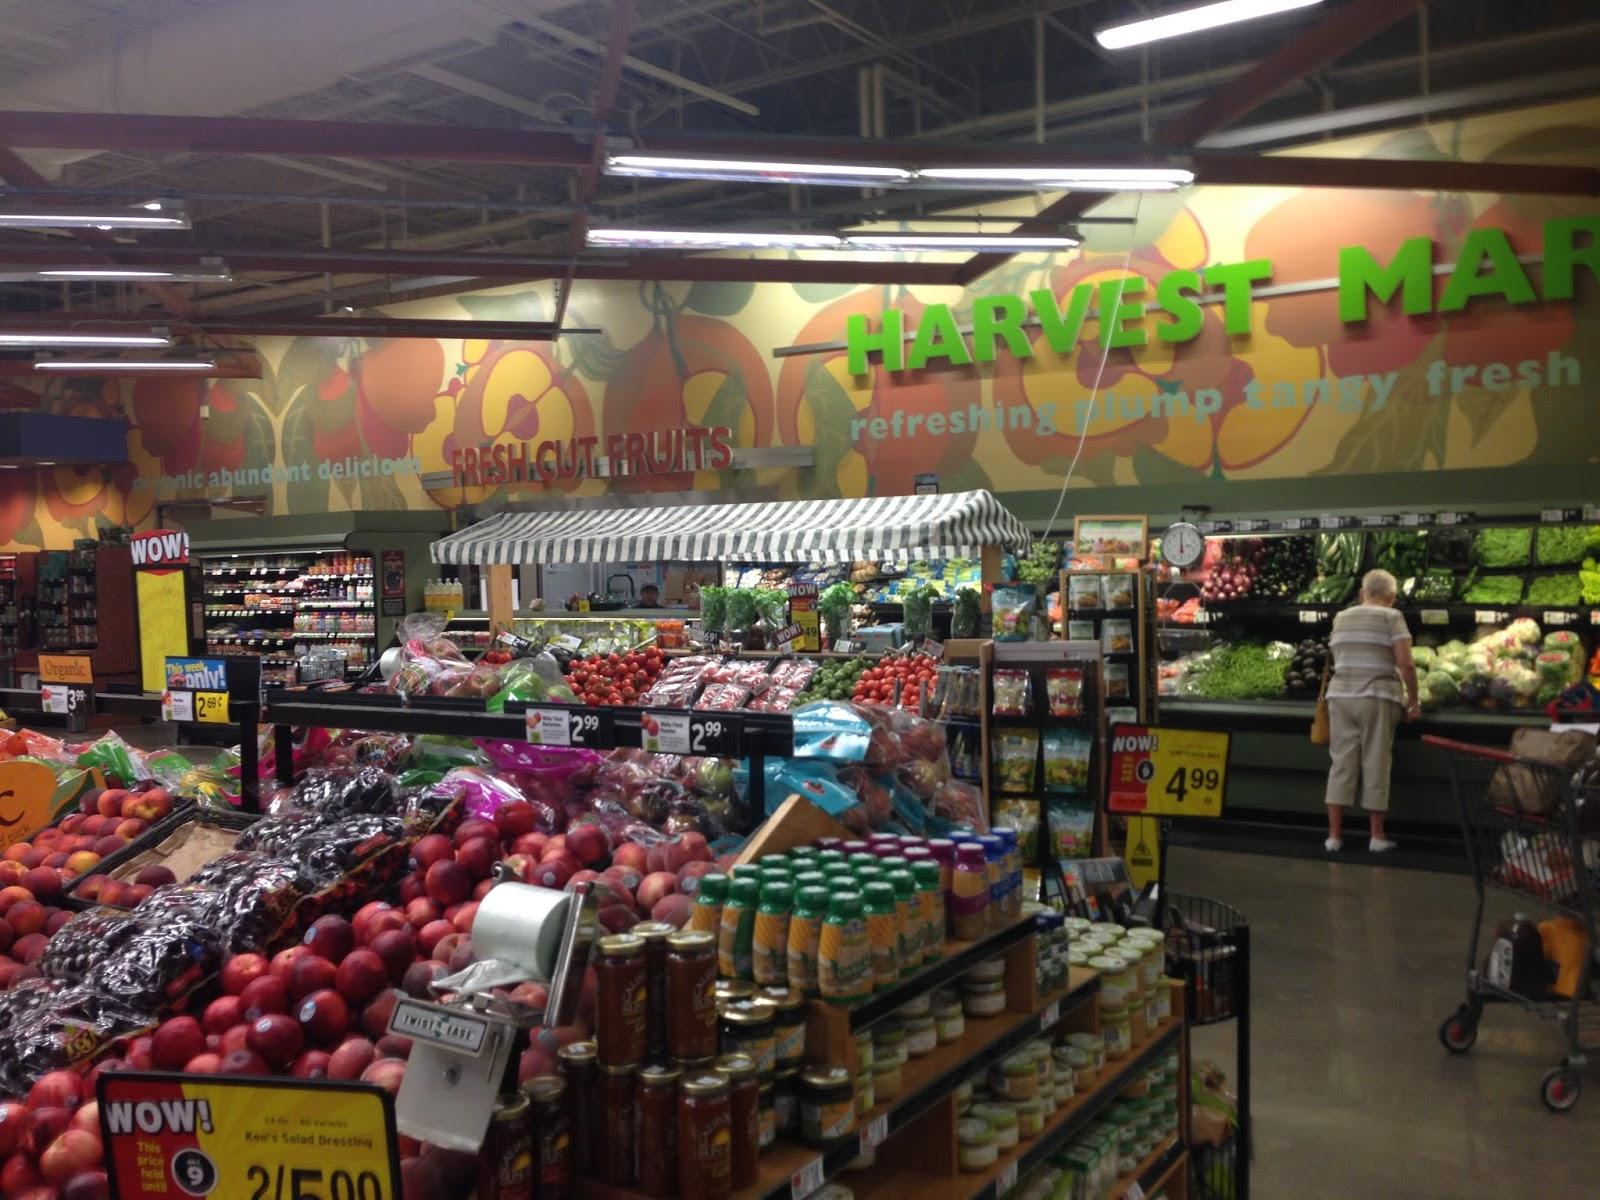 Hannaford Natural Foods